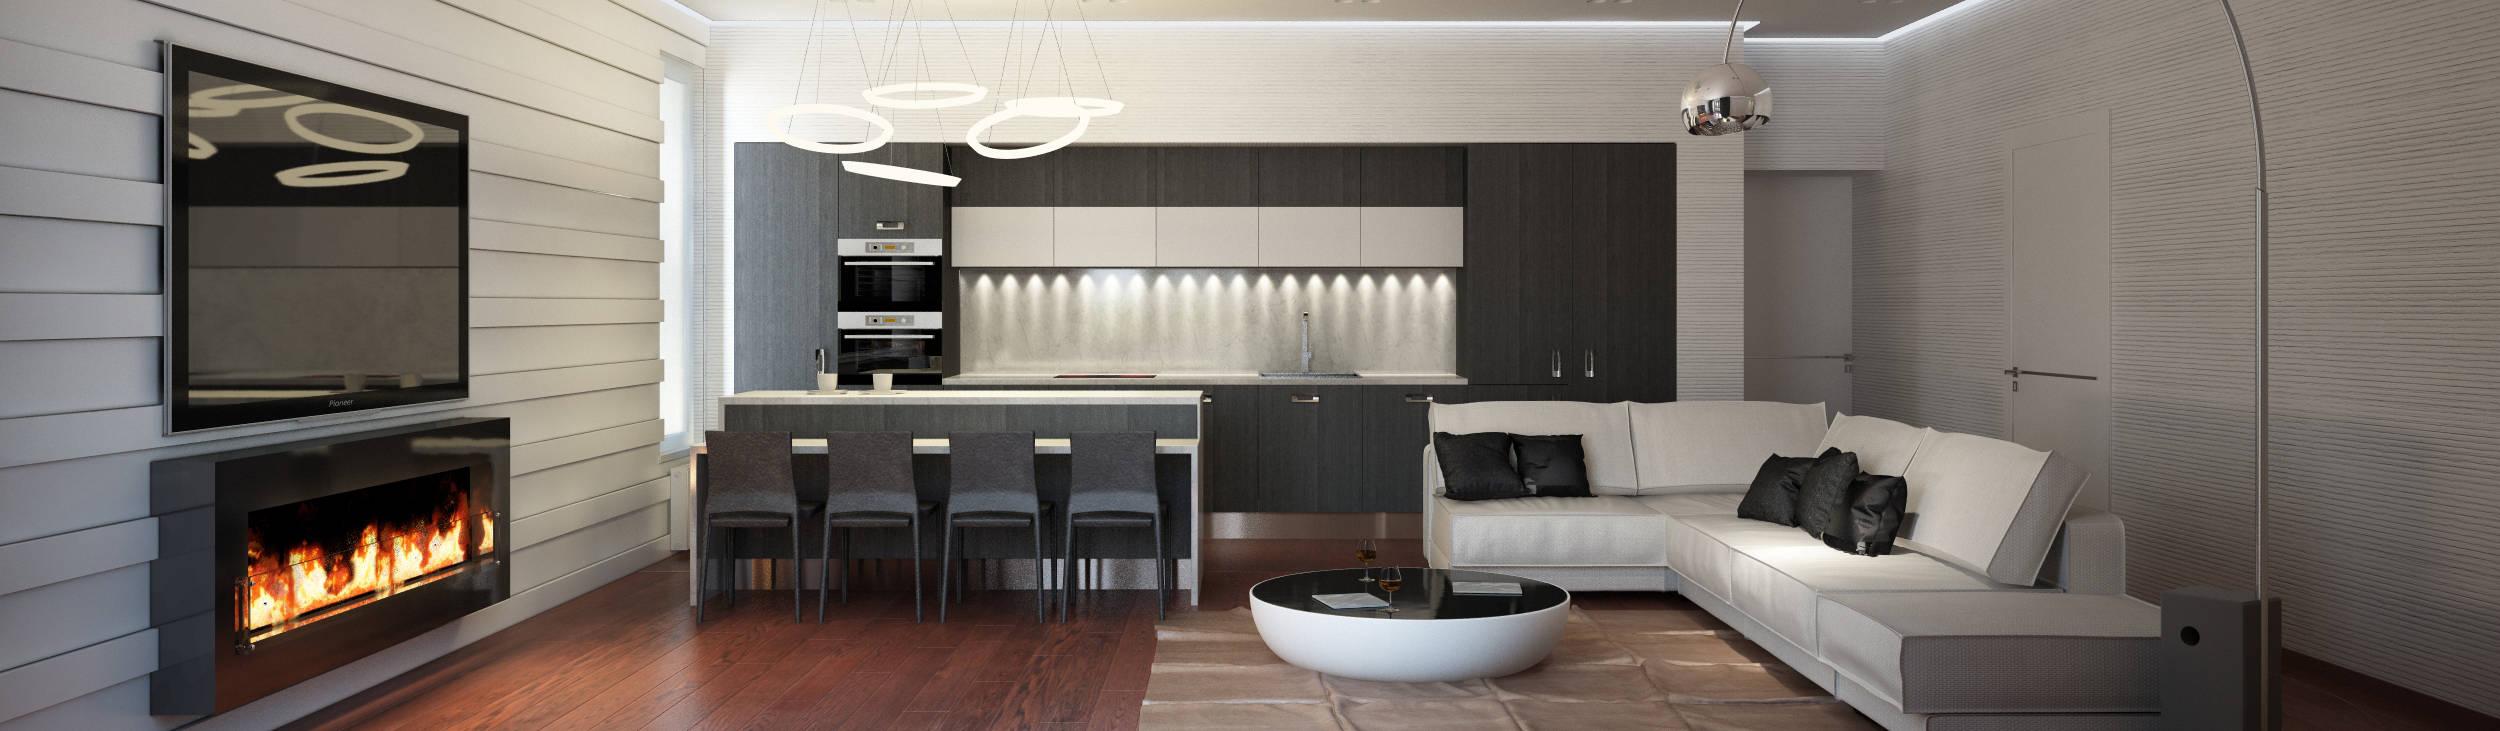 BIARTI—создаем минималистский дизайн интерьеров